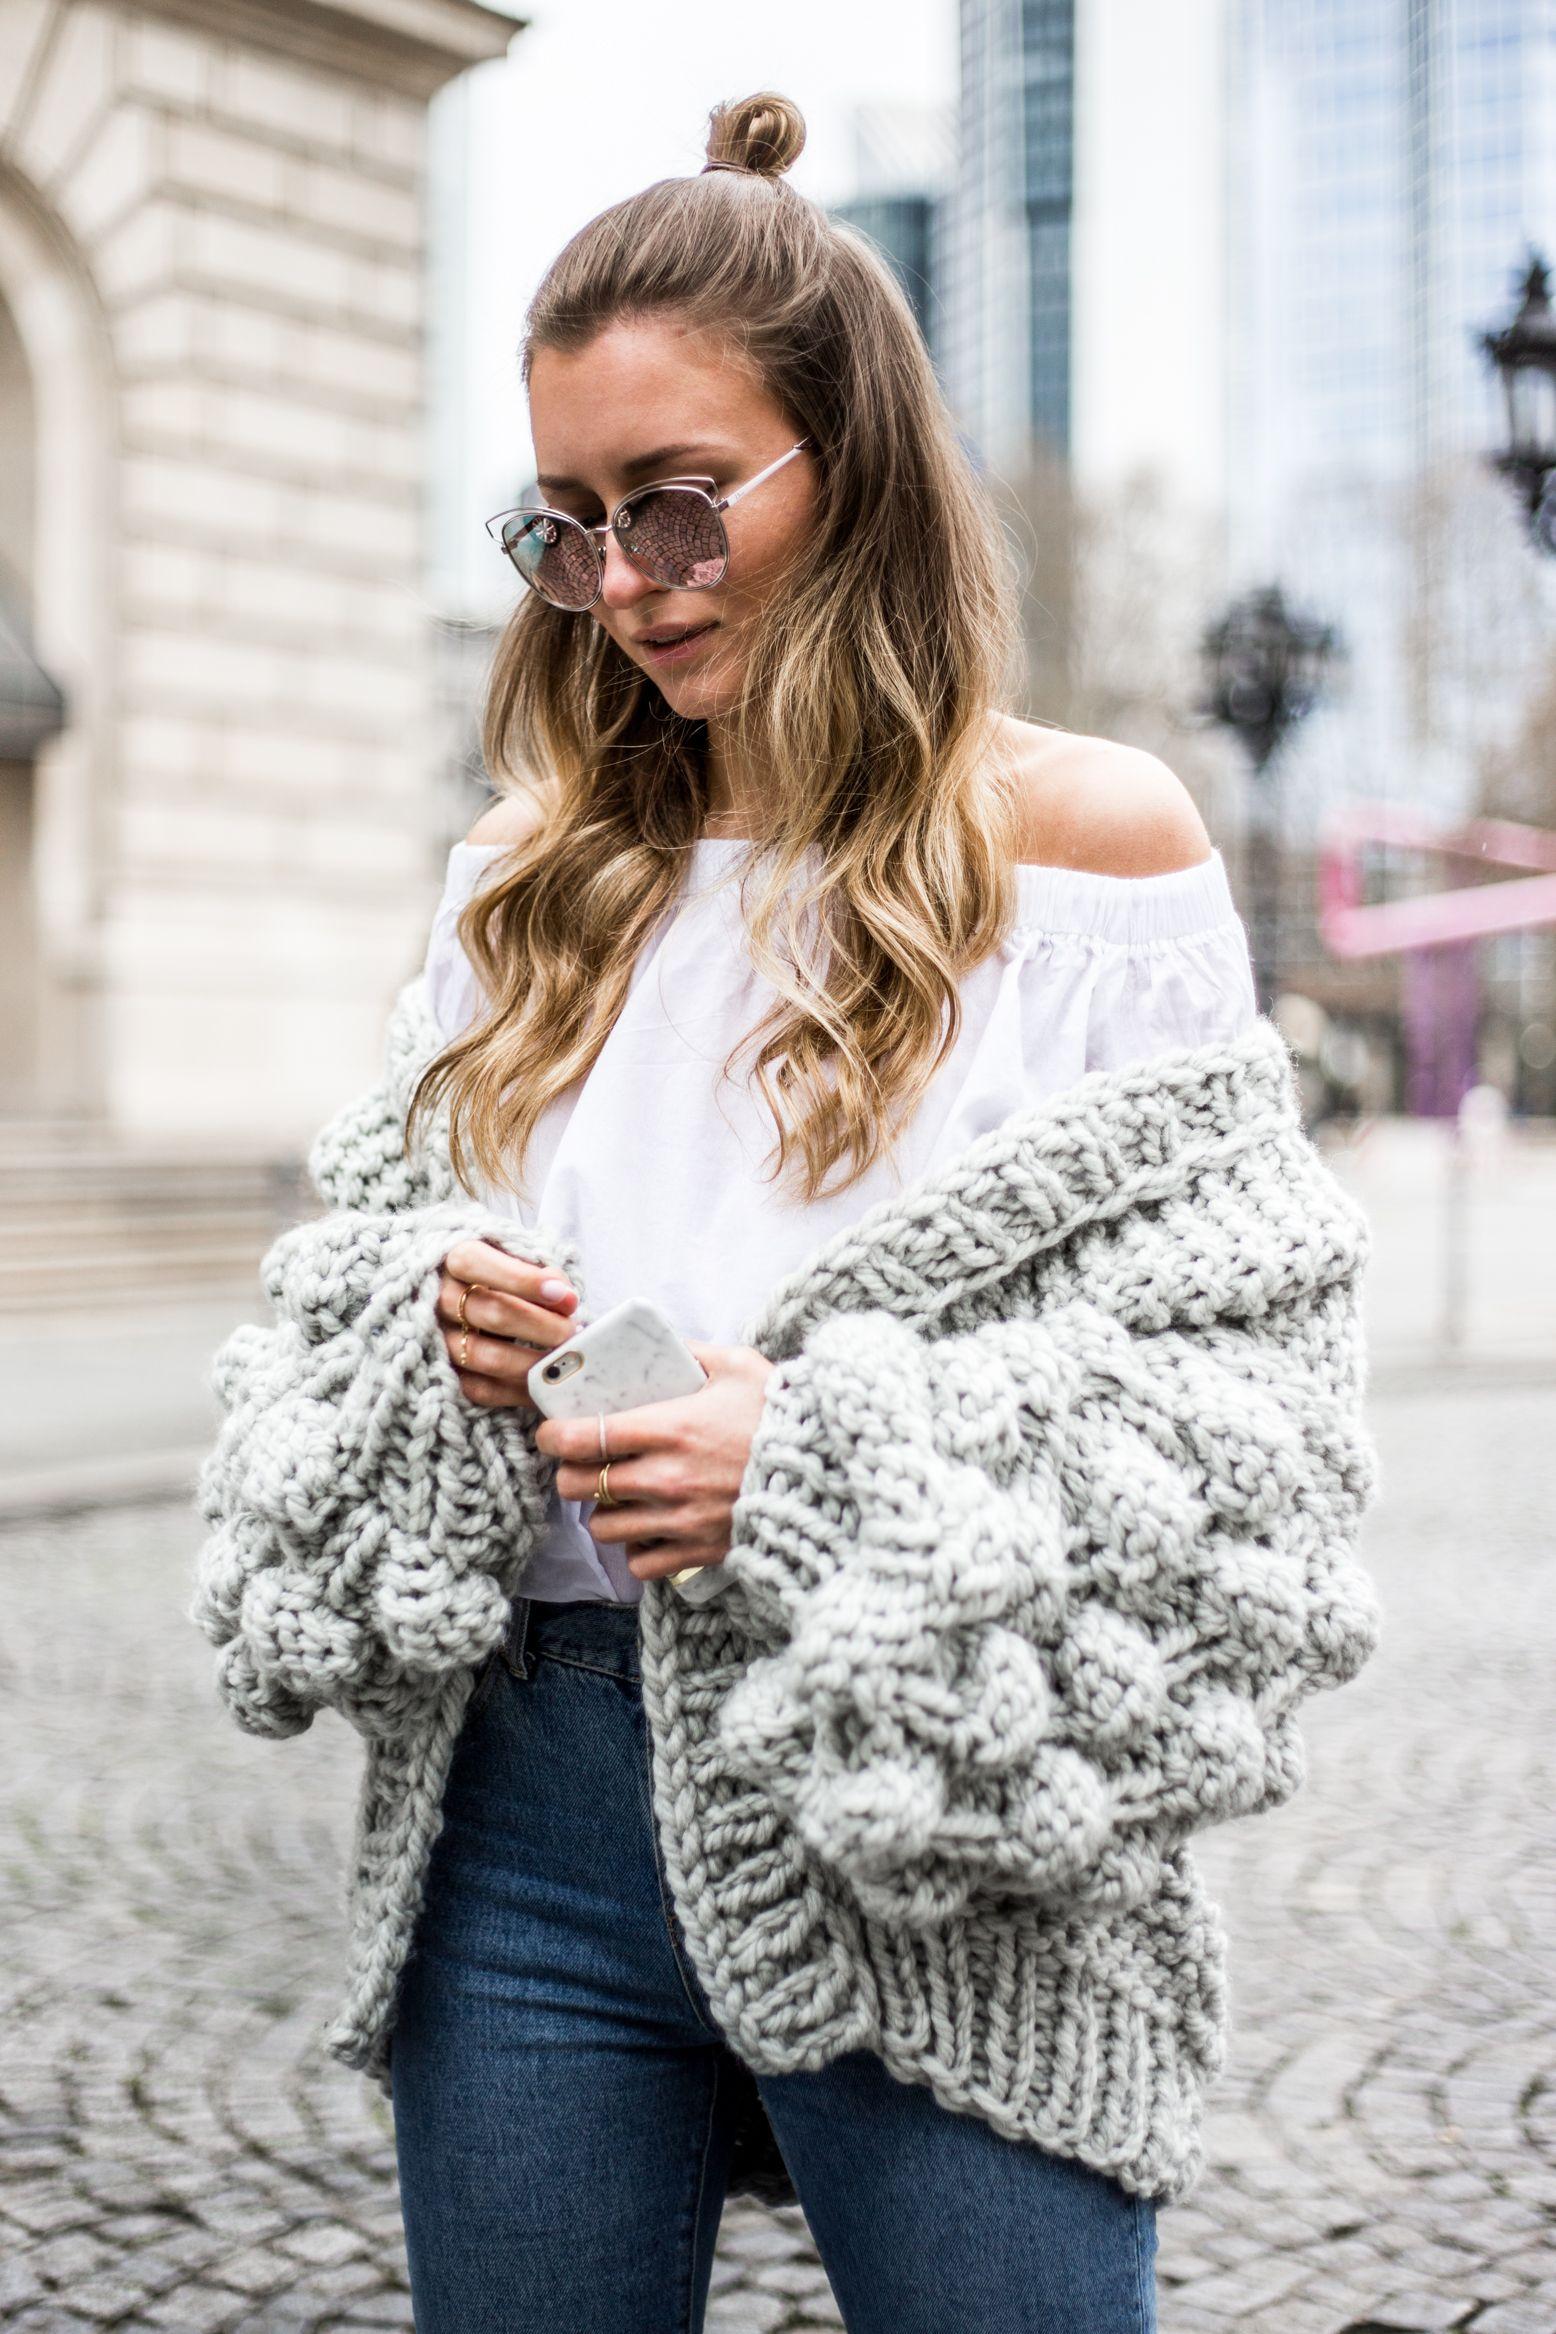 Chunky Pom Pom Knit Cardigan, Mumshandmade, Outfit, Casual, Livia Auer 42e4d6a46d9e